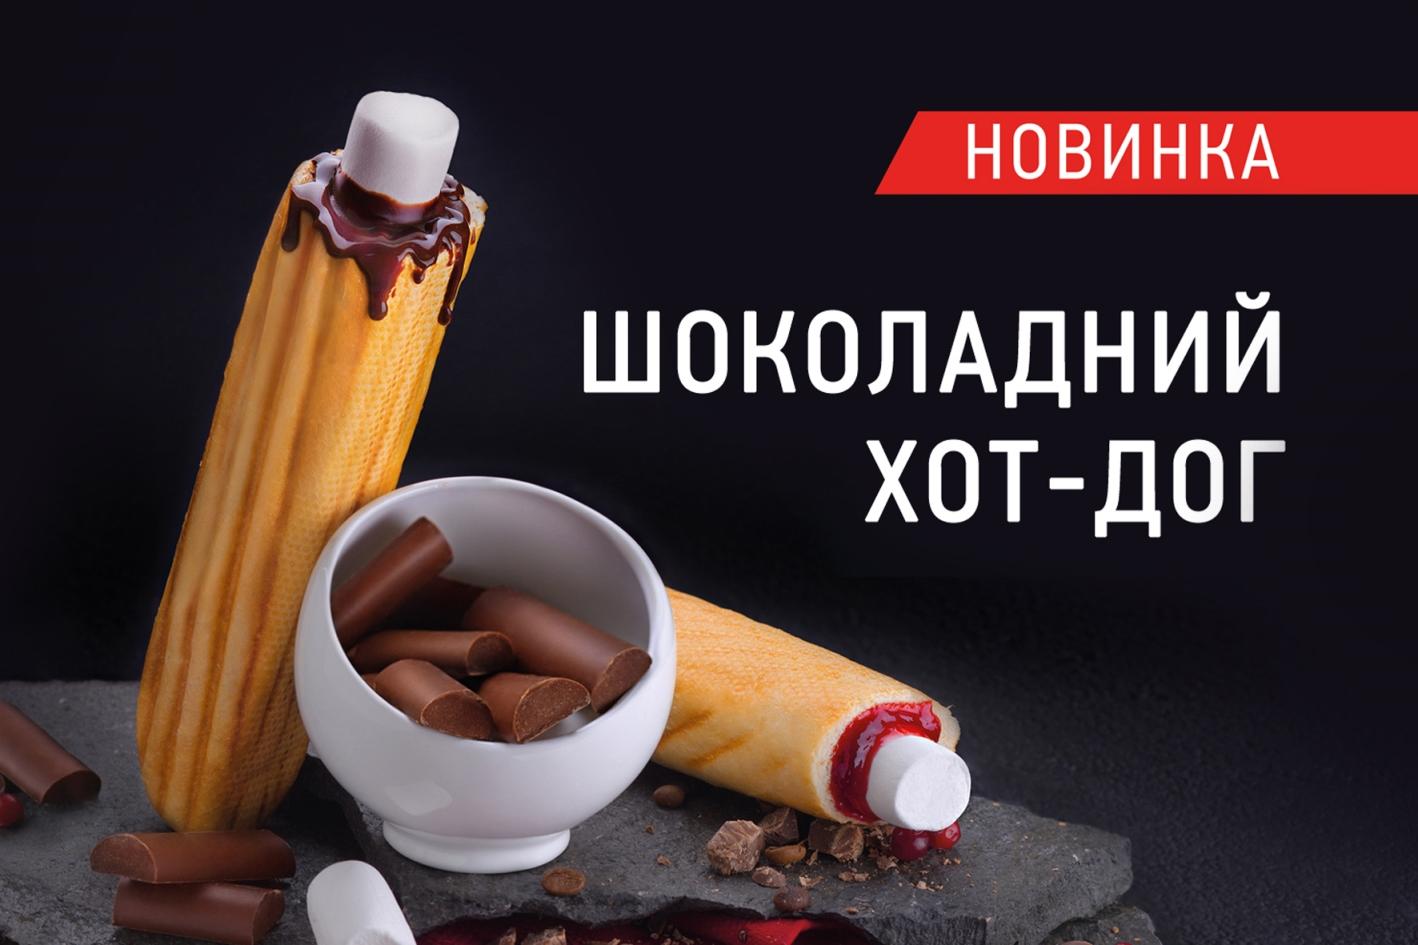 Шокирующая сладкая новинка – «ОККО» представляет шоколадный хот-дог 1